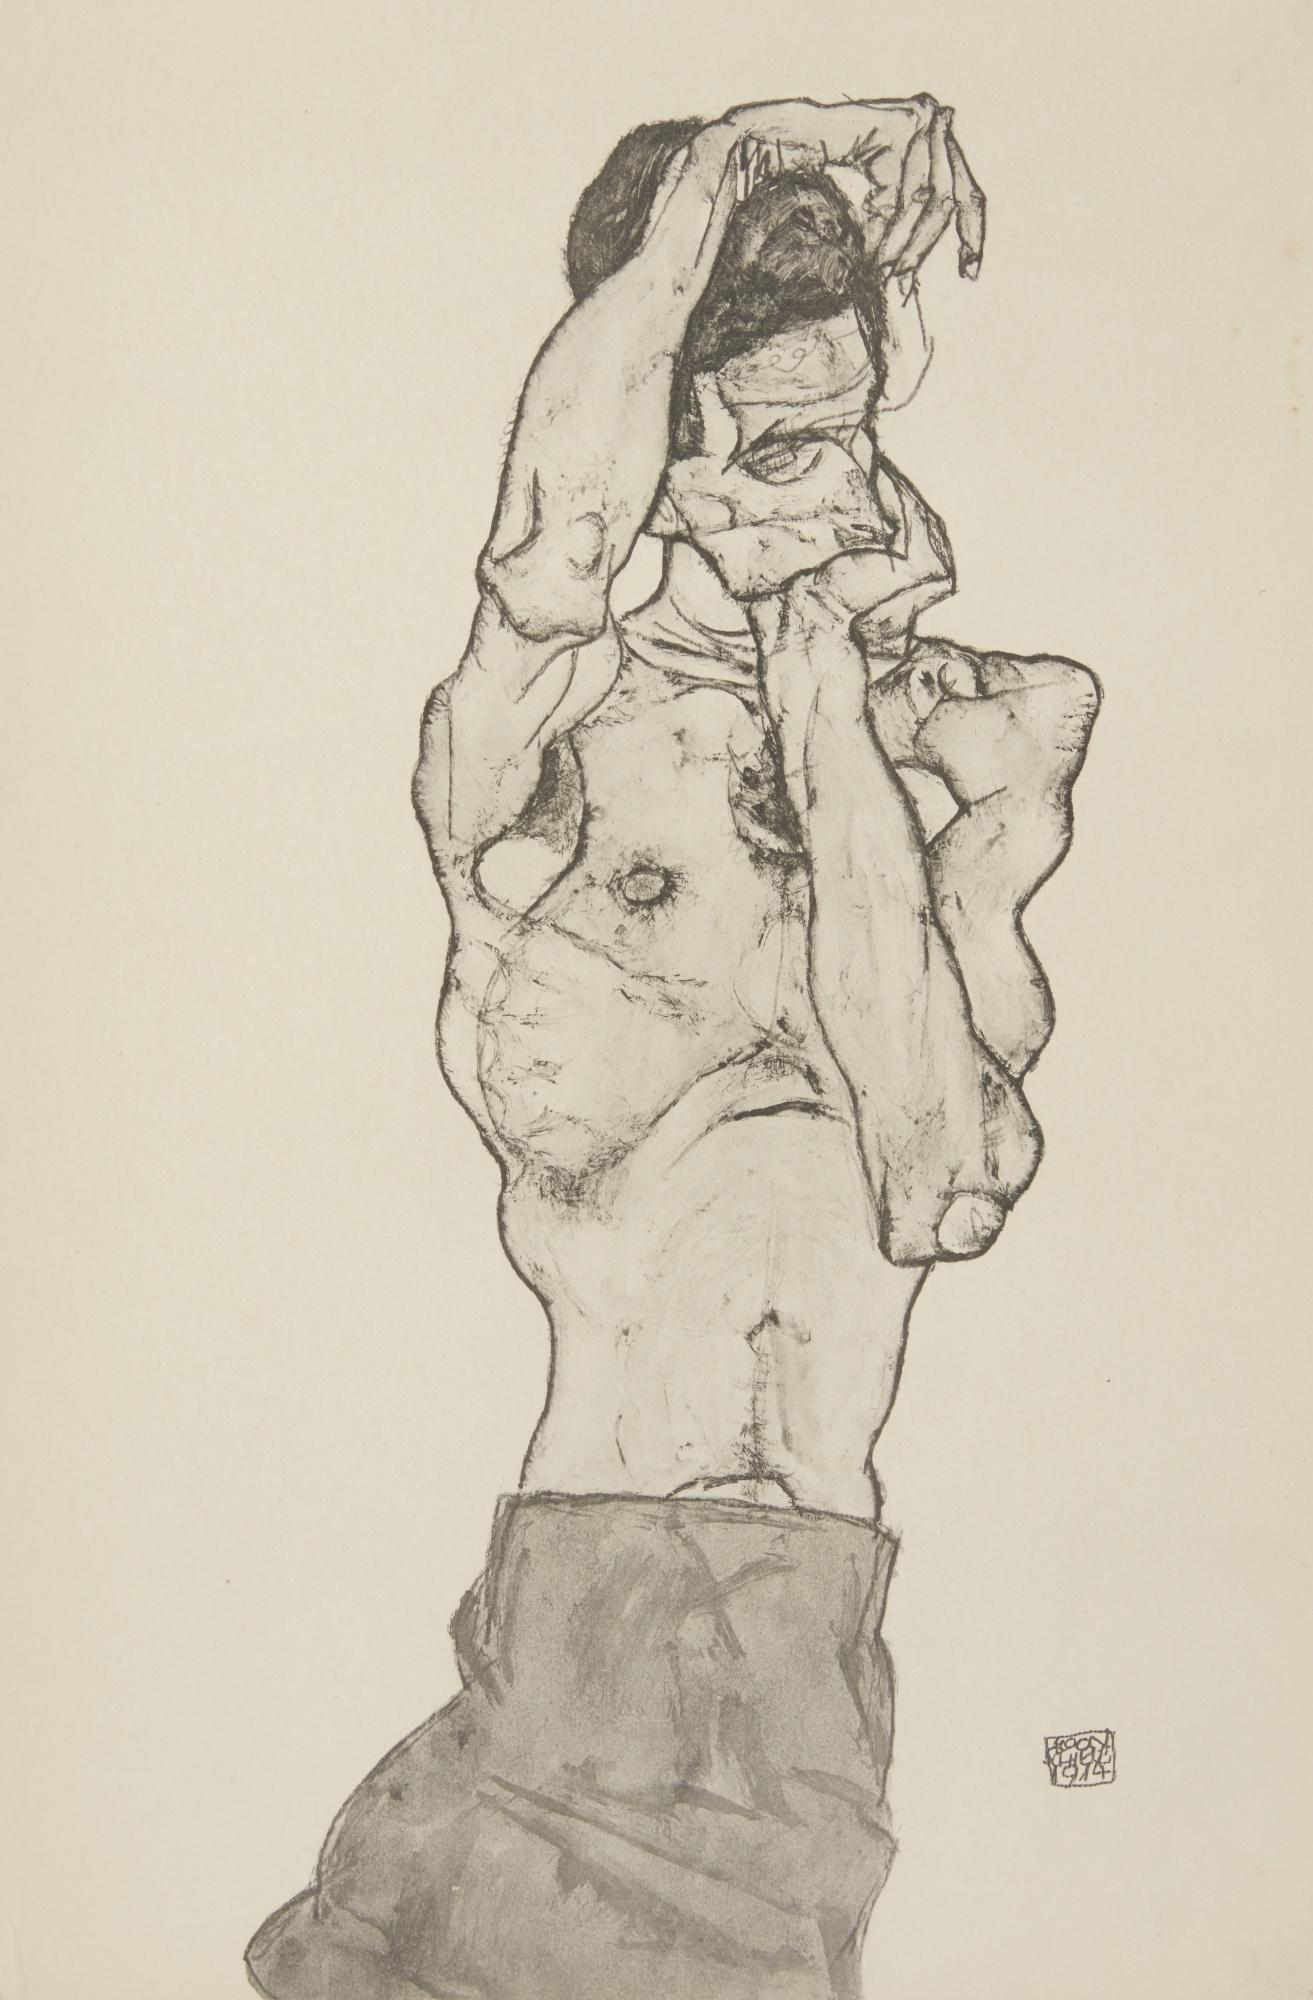 Egon Schiele-After Egon Schiele - Zeichnungen-1917